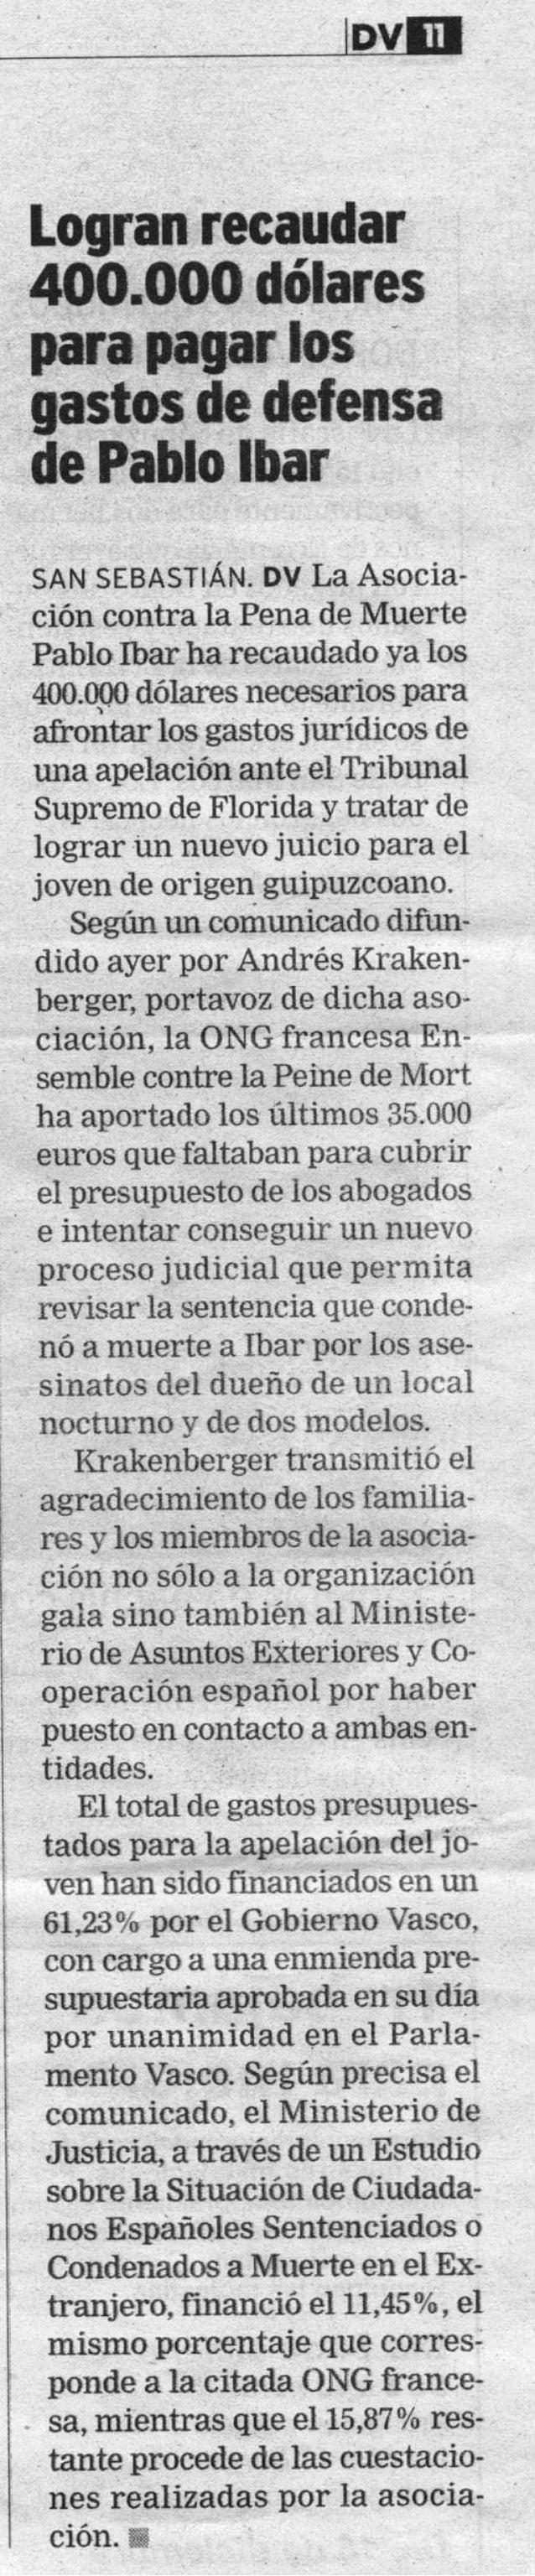 Logran recaudar 400.000 dolares para pagar la defensa de Pablo Ibar